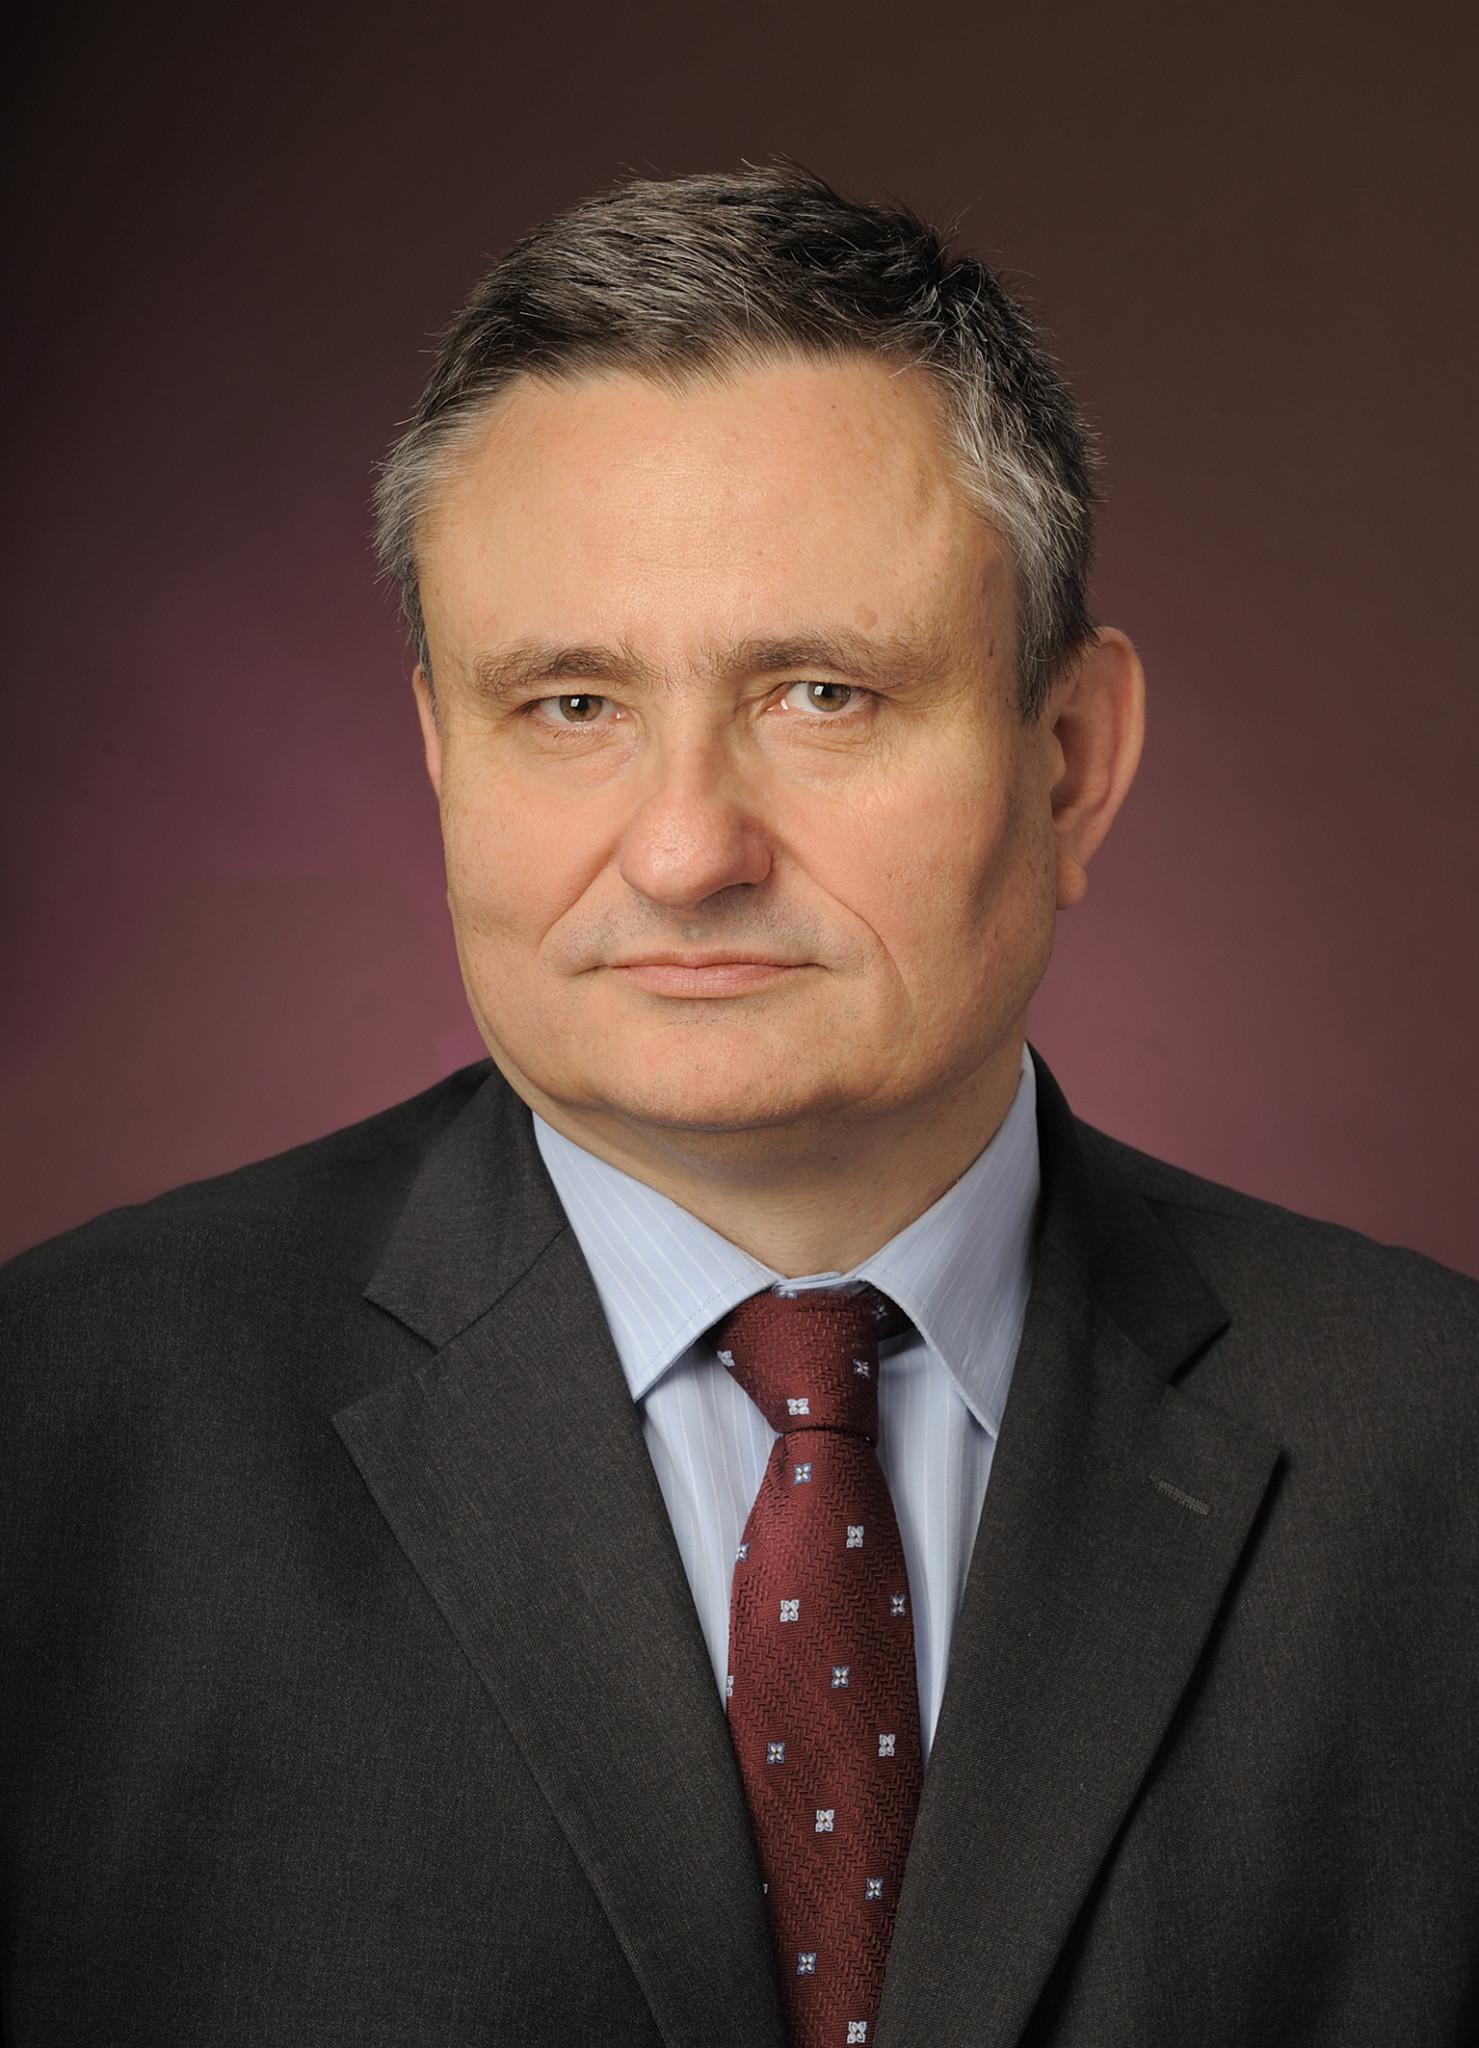 Wojciech Celichowski